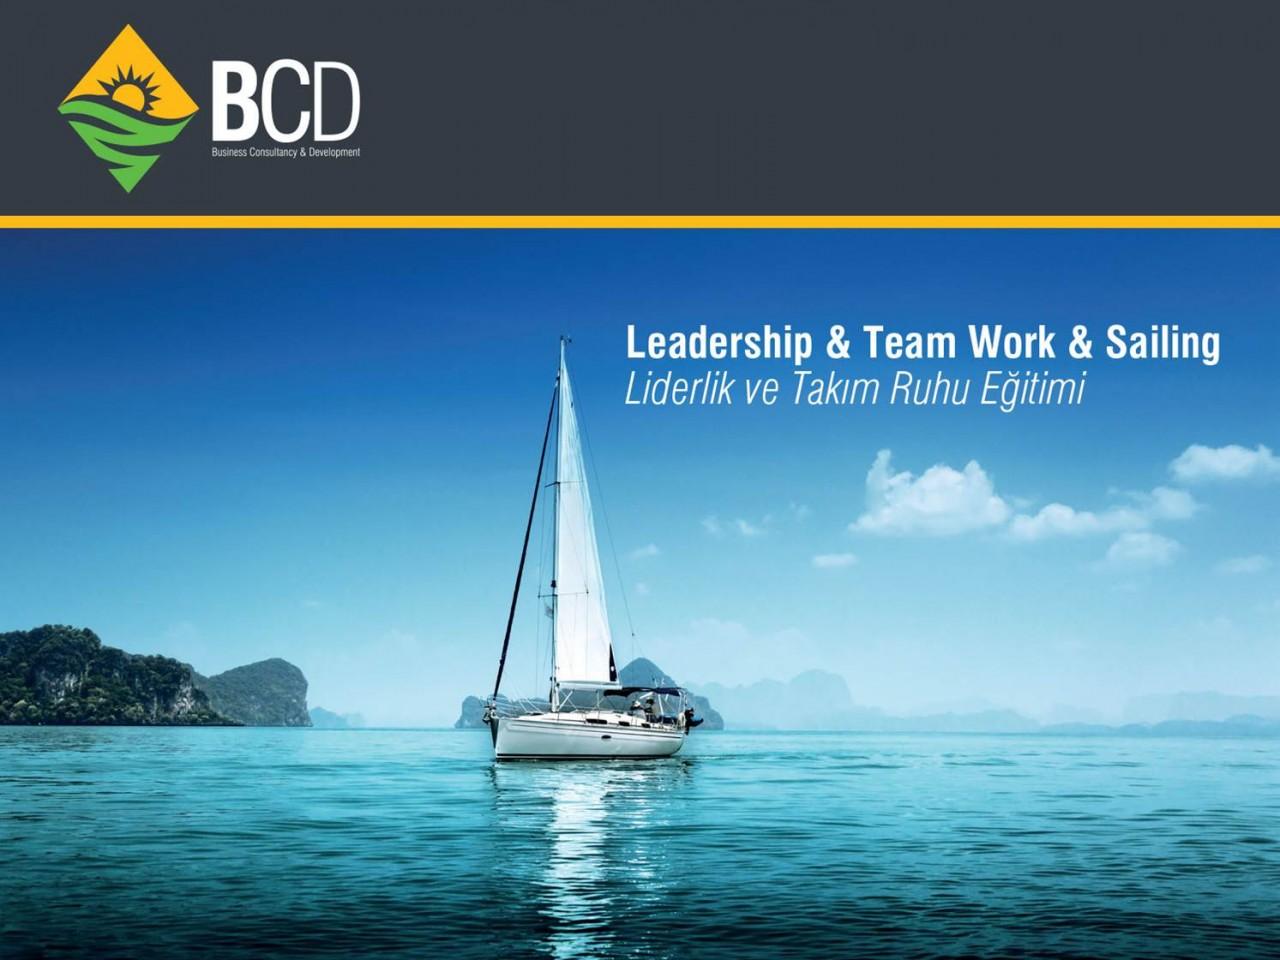 bcdturkey yelken liderlik takim ruhu 1 Yelkenli Tekne ile Liderlik ve Takım Ruhu Eğitimi